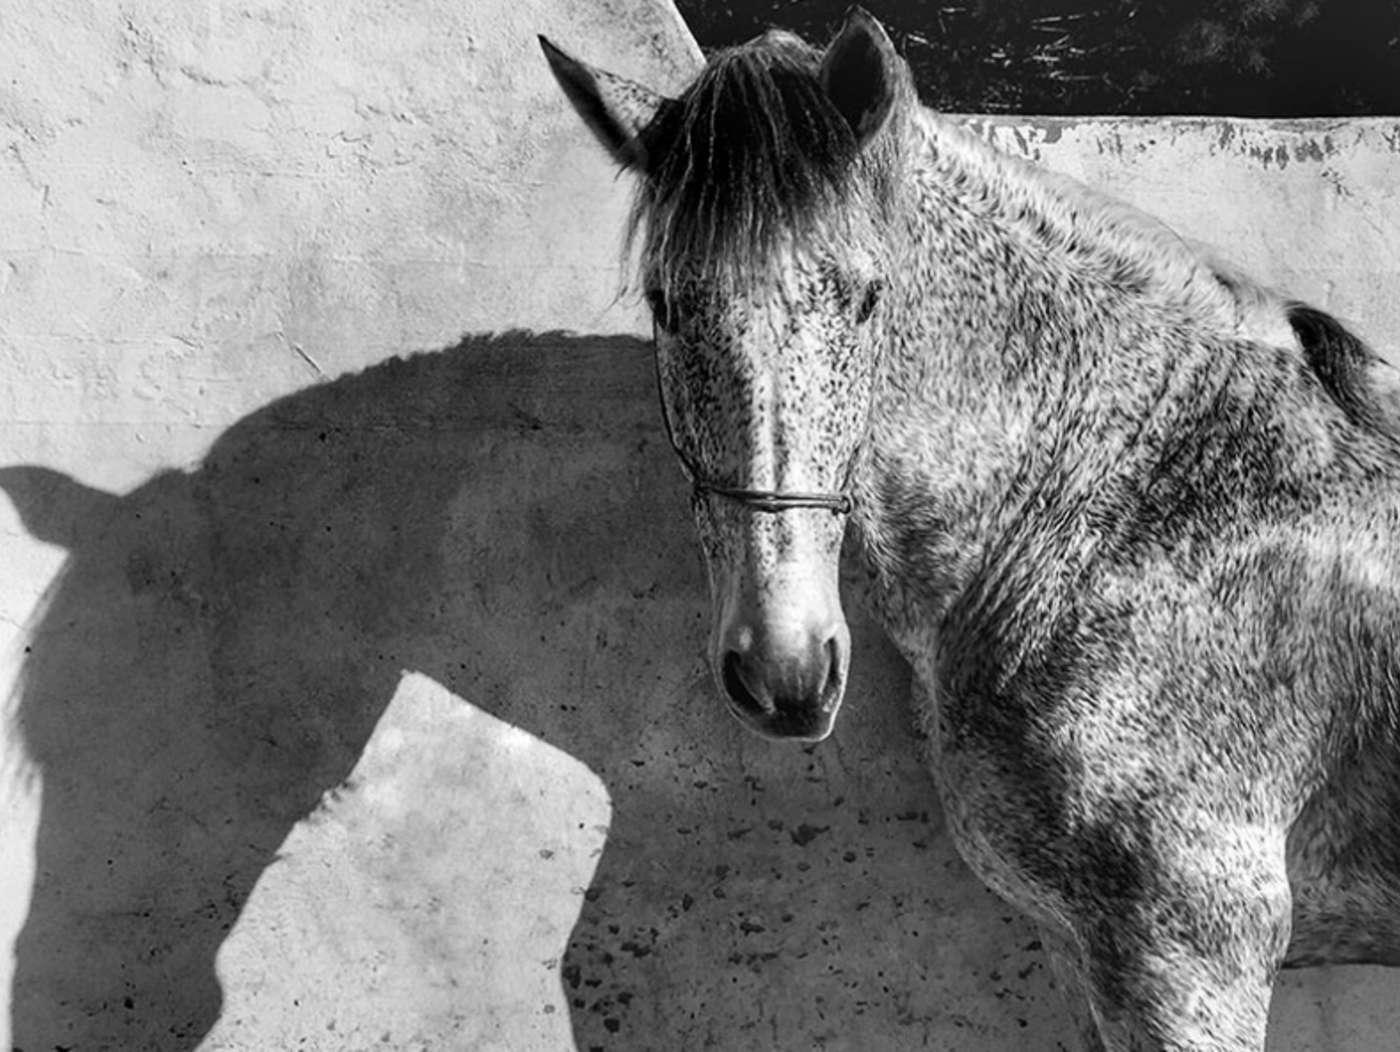 عکس برگزیده بخش عکاسی از حیوانات